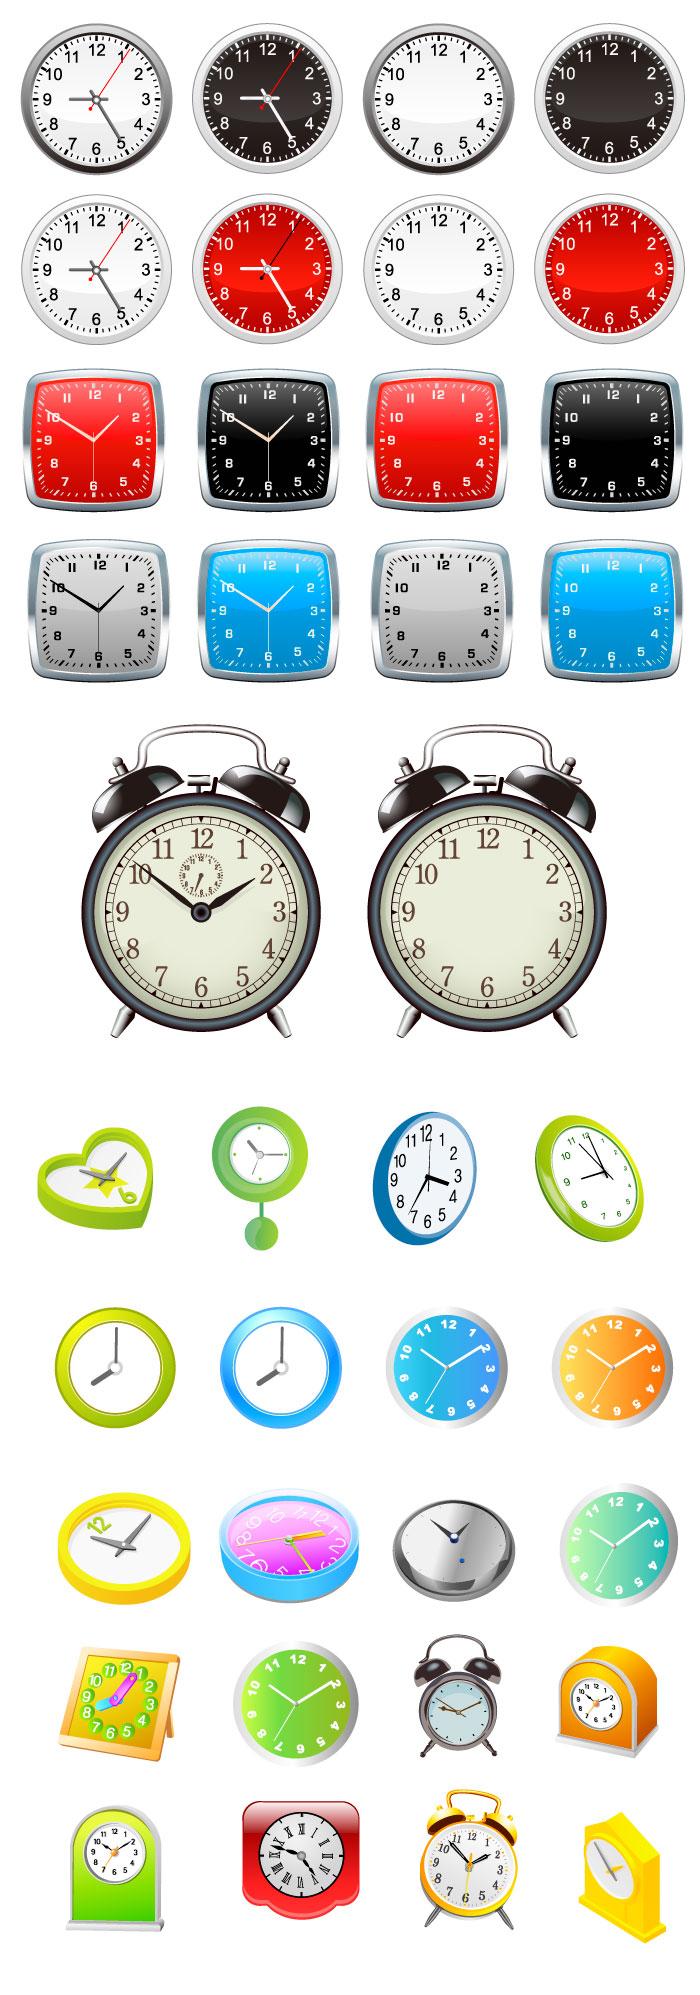 針なし・ありの時計の無料イラスト|イラストレーター素材(ai・eps・商用